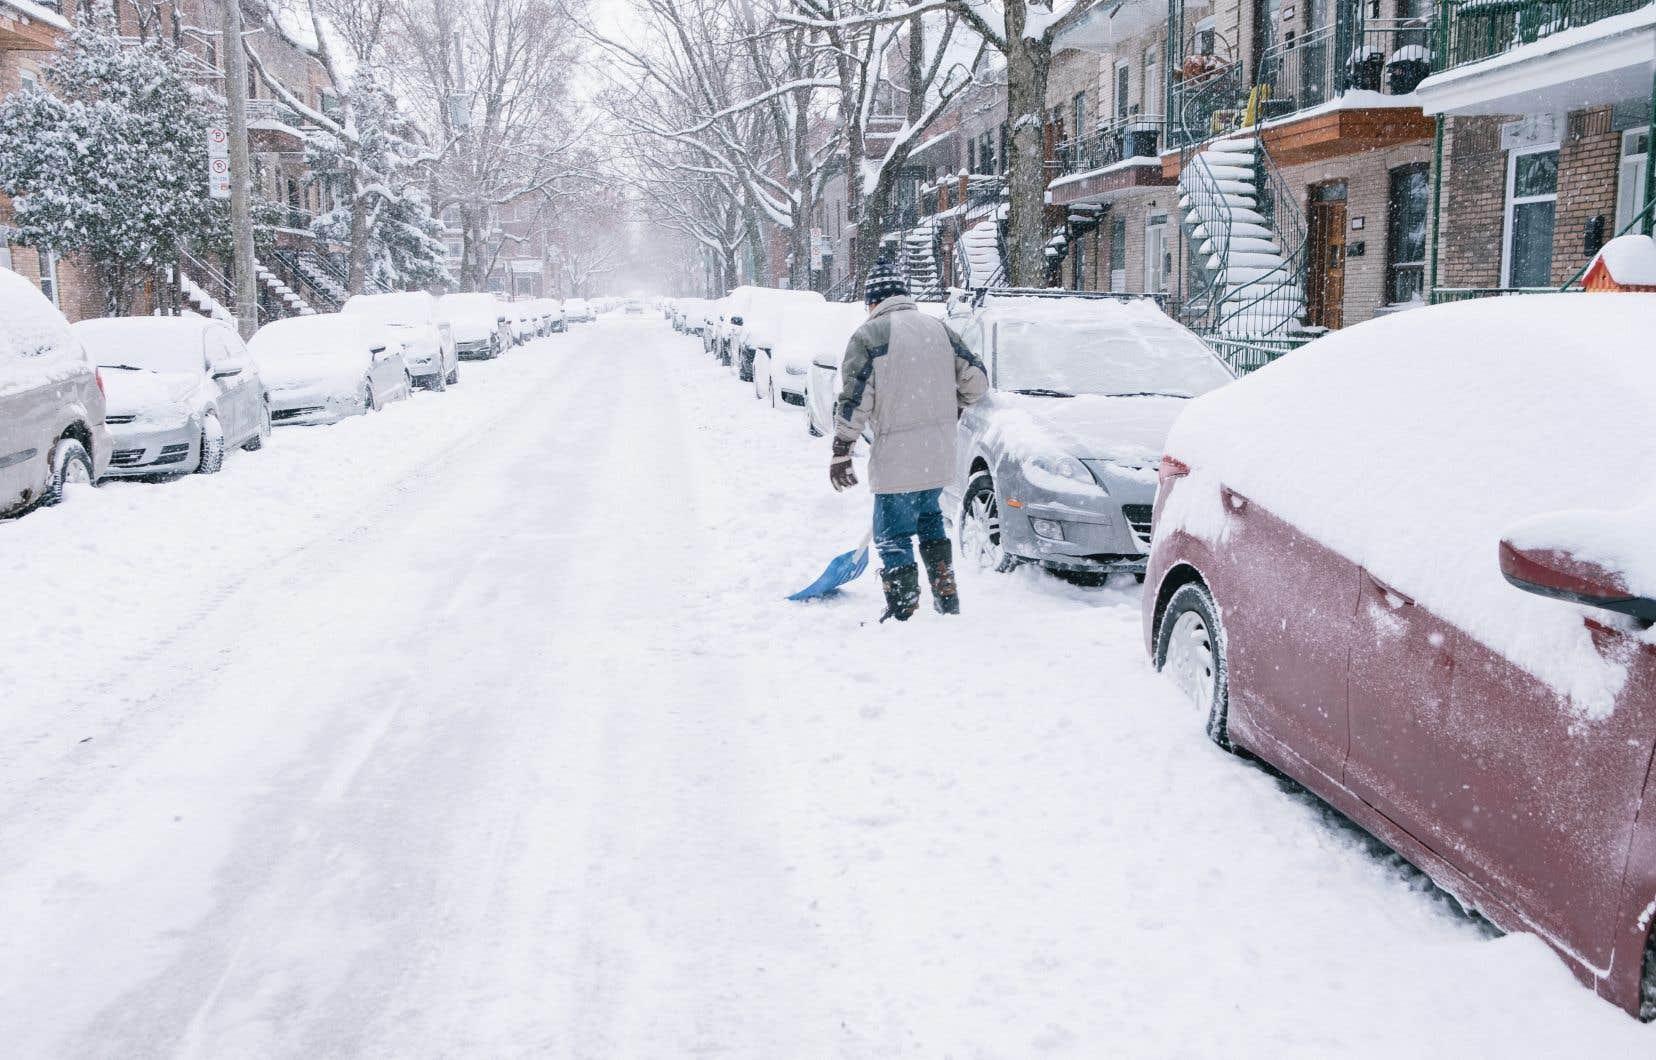 <p>Dimanche matin, les véhicules, les arbres et les voies de circulation étaient recouverts d'une épaisse couche de neige poudreuse.</p>